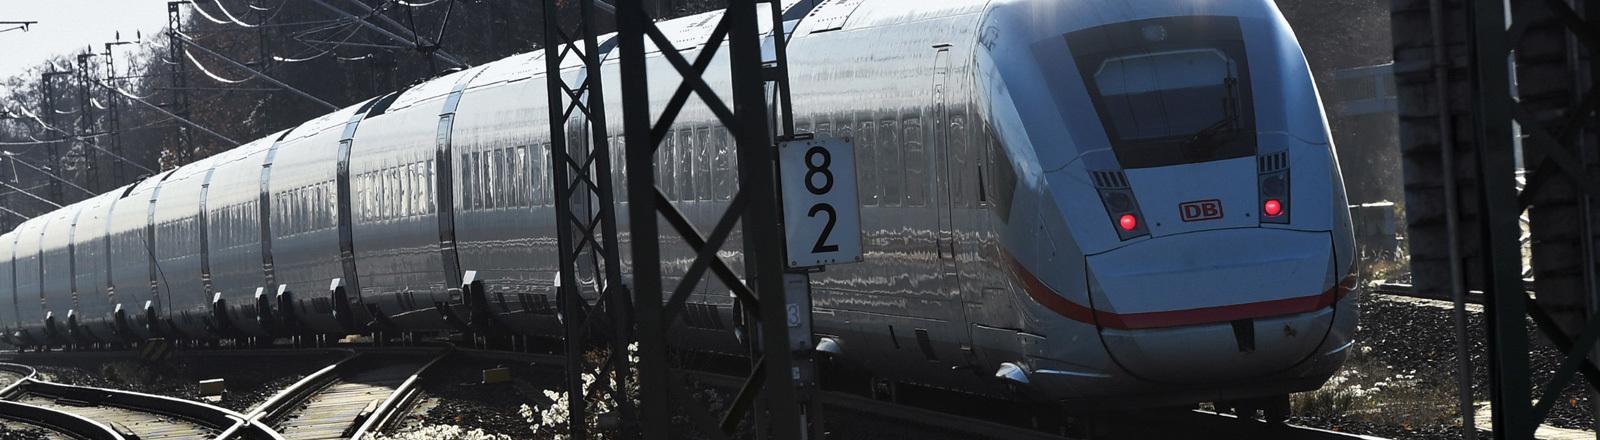 """Der ICE 4 """"Martin Luther"""" fährt in Berlin aus dem Bahnhof Südkreuz aus (29.11.2016); Foto: dpa"""